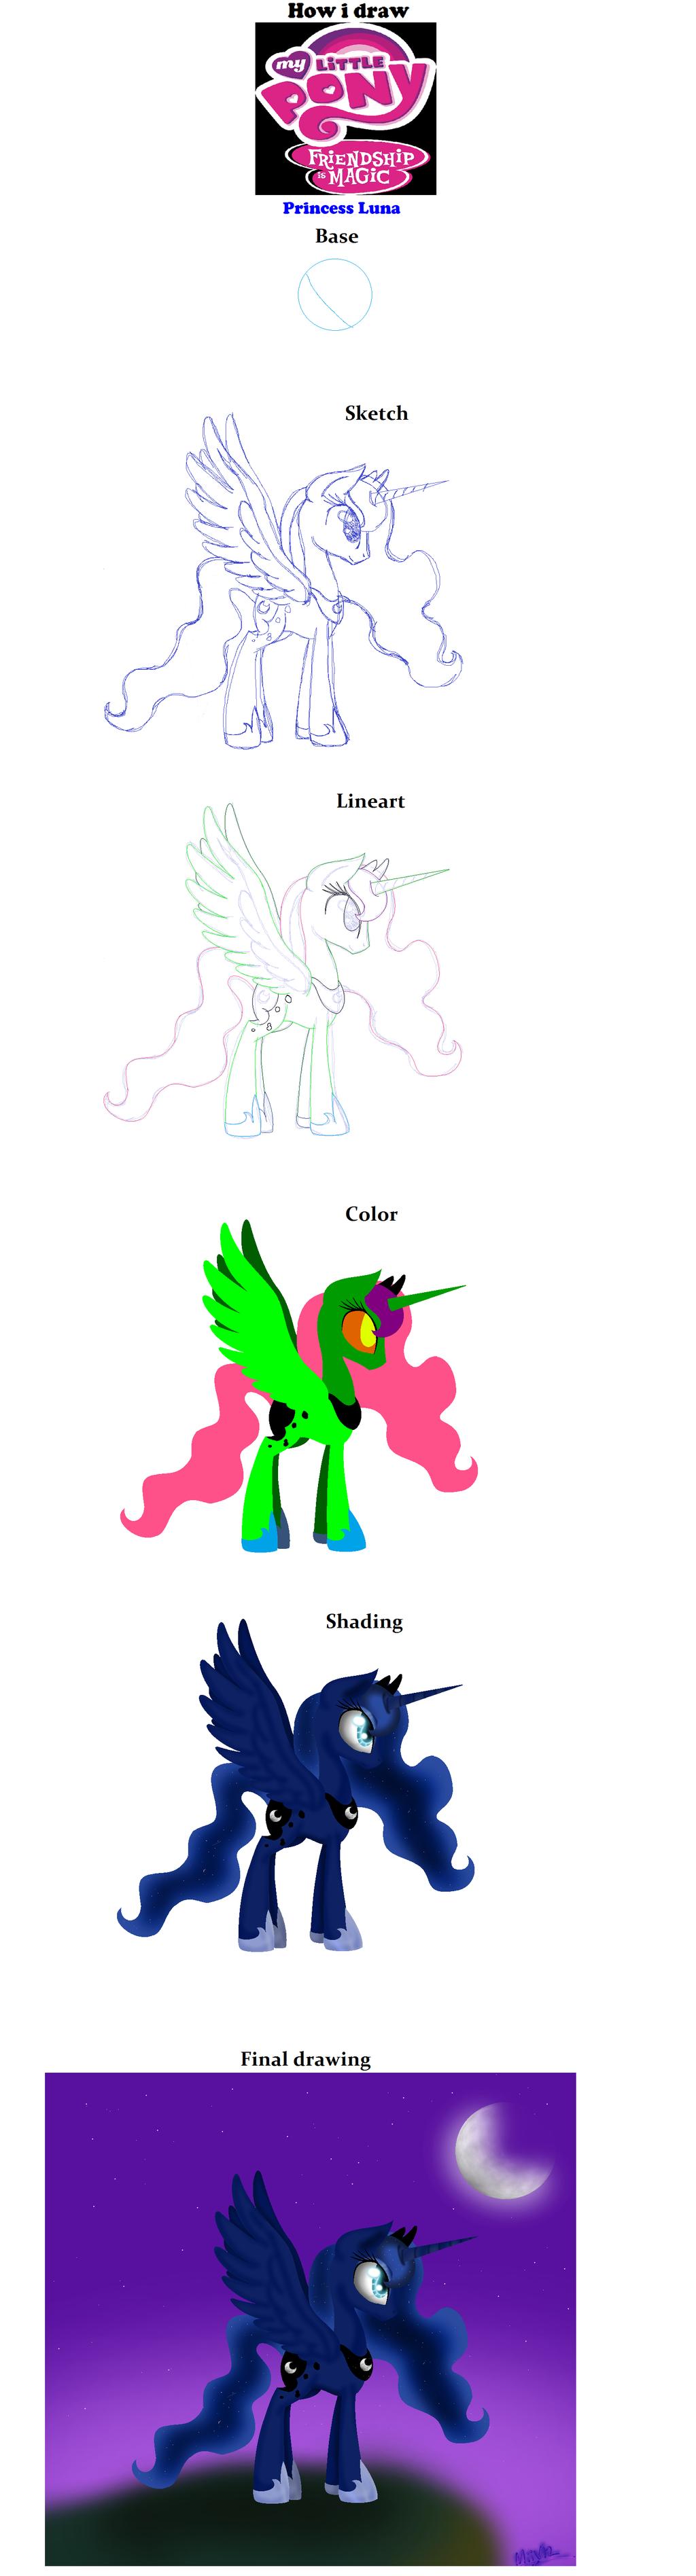 how to draw princess luna